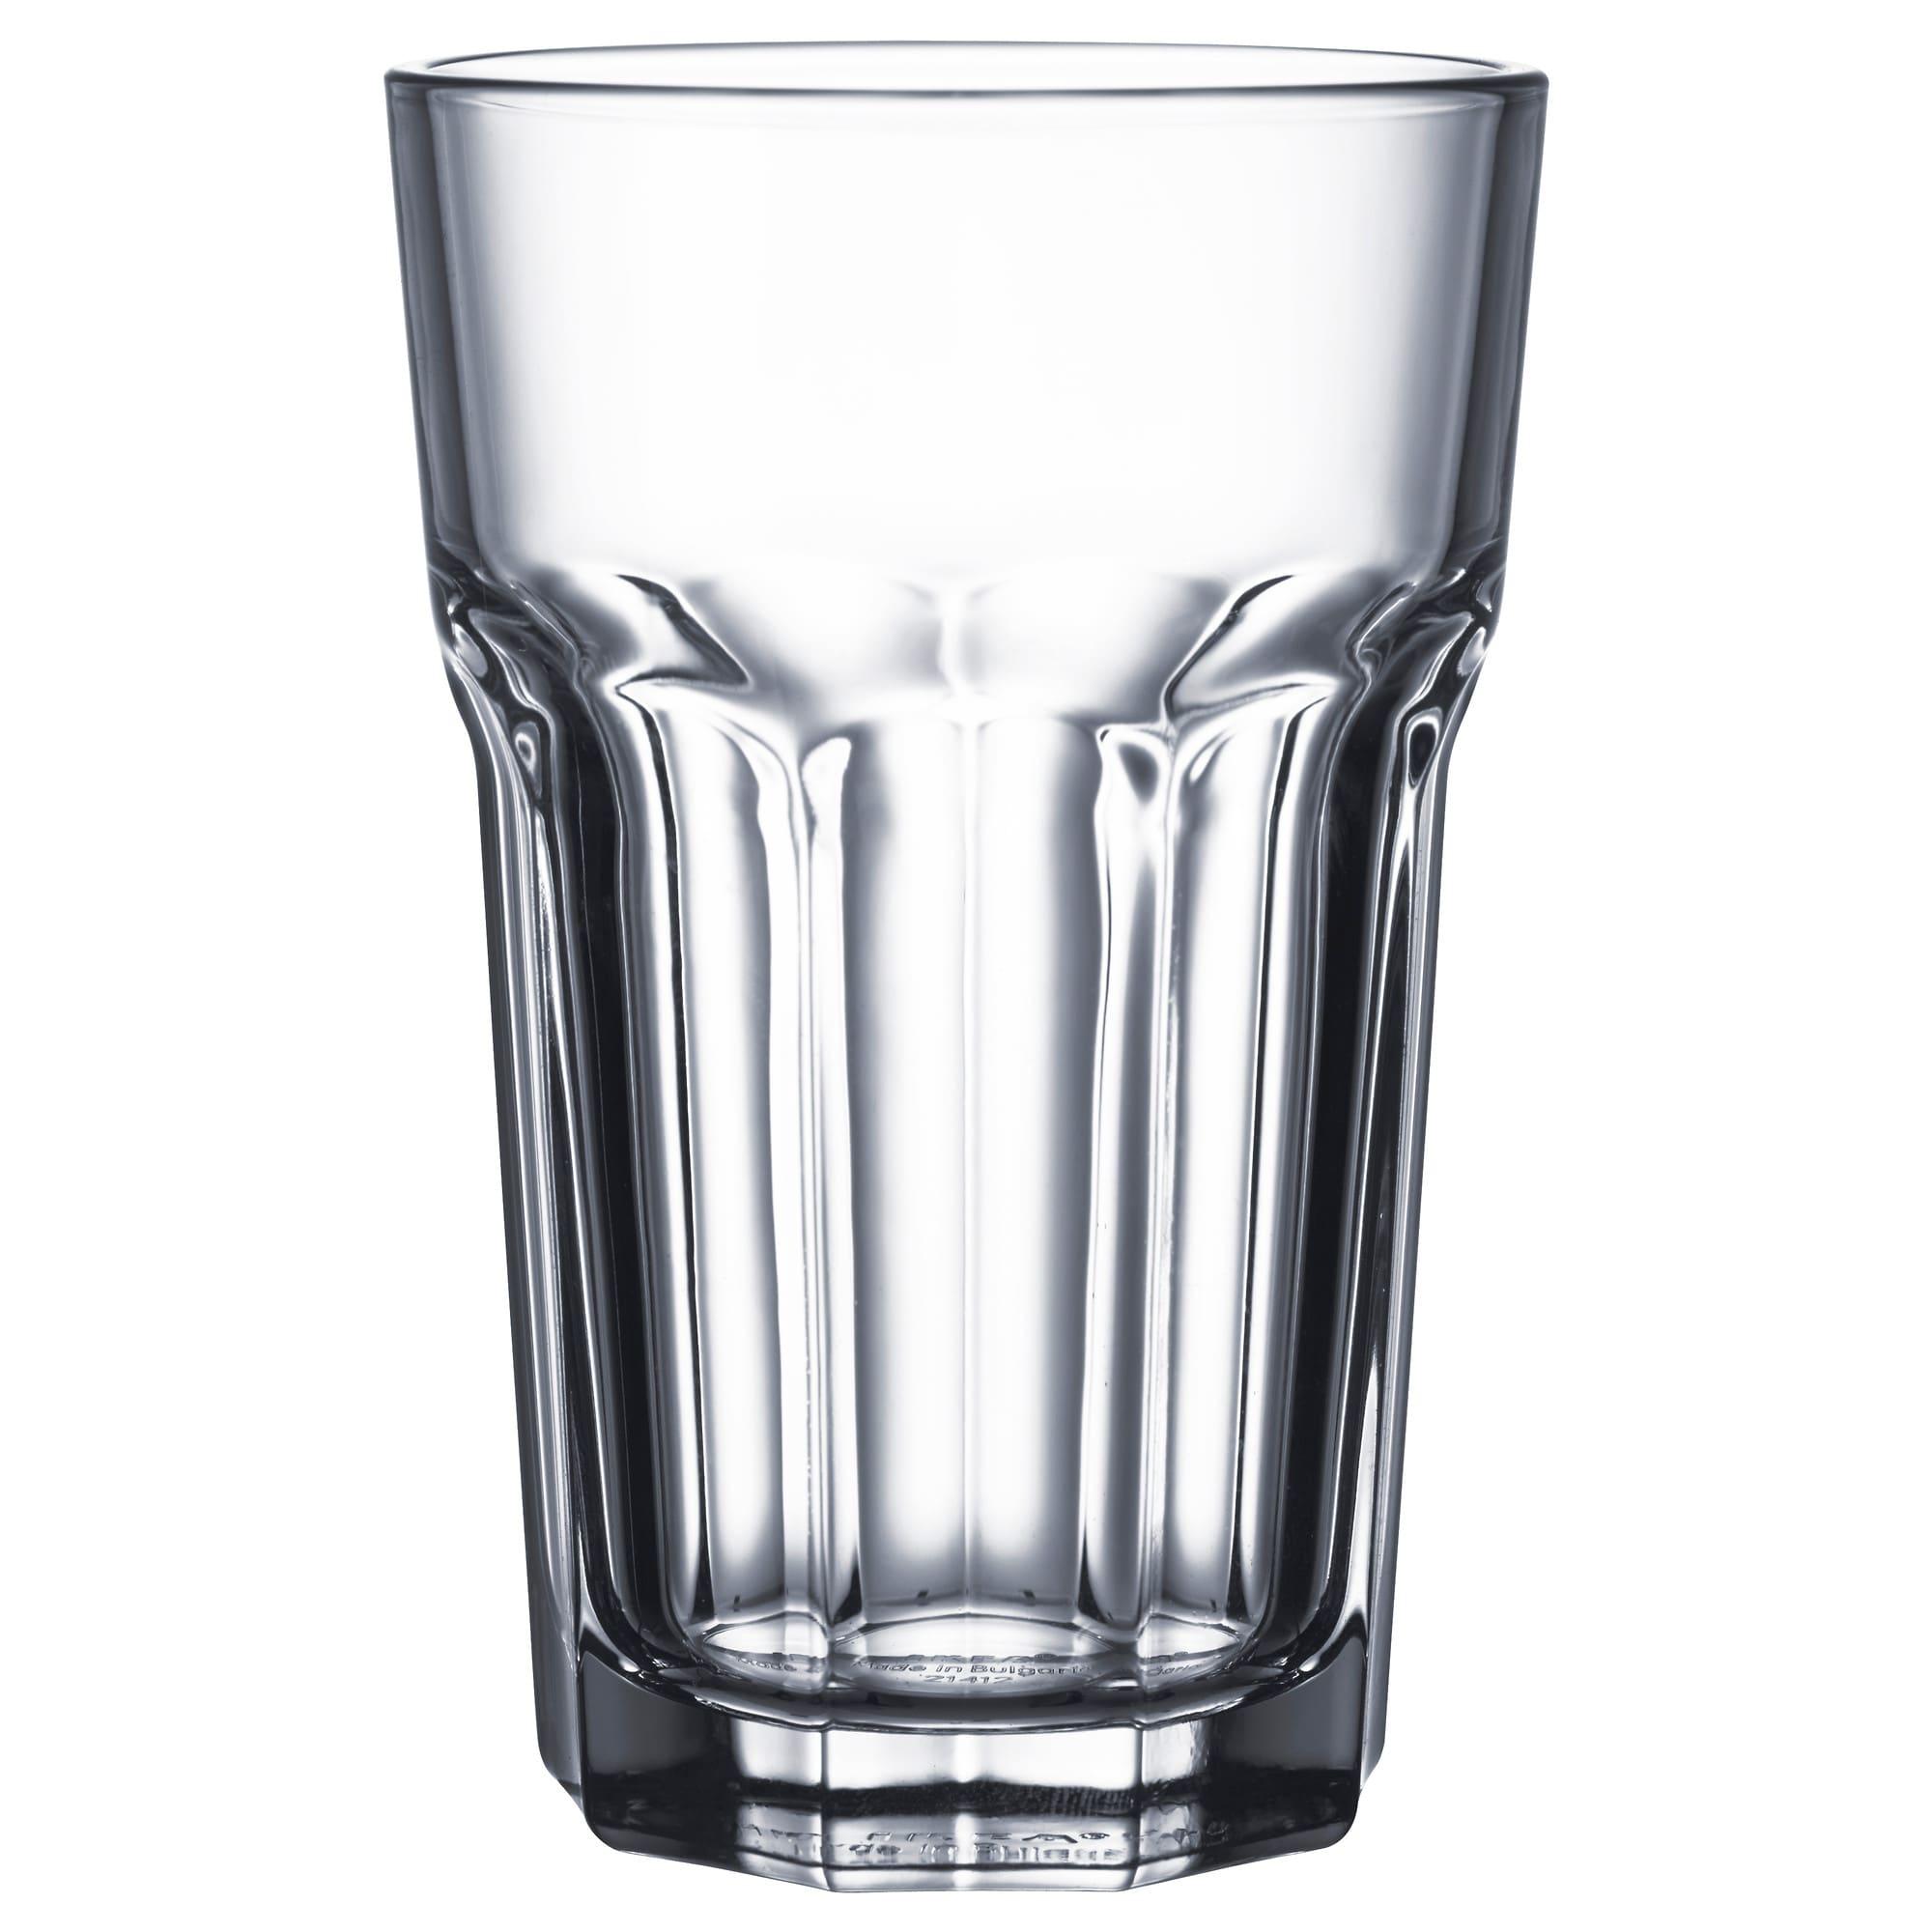 Pokal Glass Clear Glass Shop Ikea Ca Ikea Ikea Glasses Glassware Glass